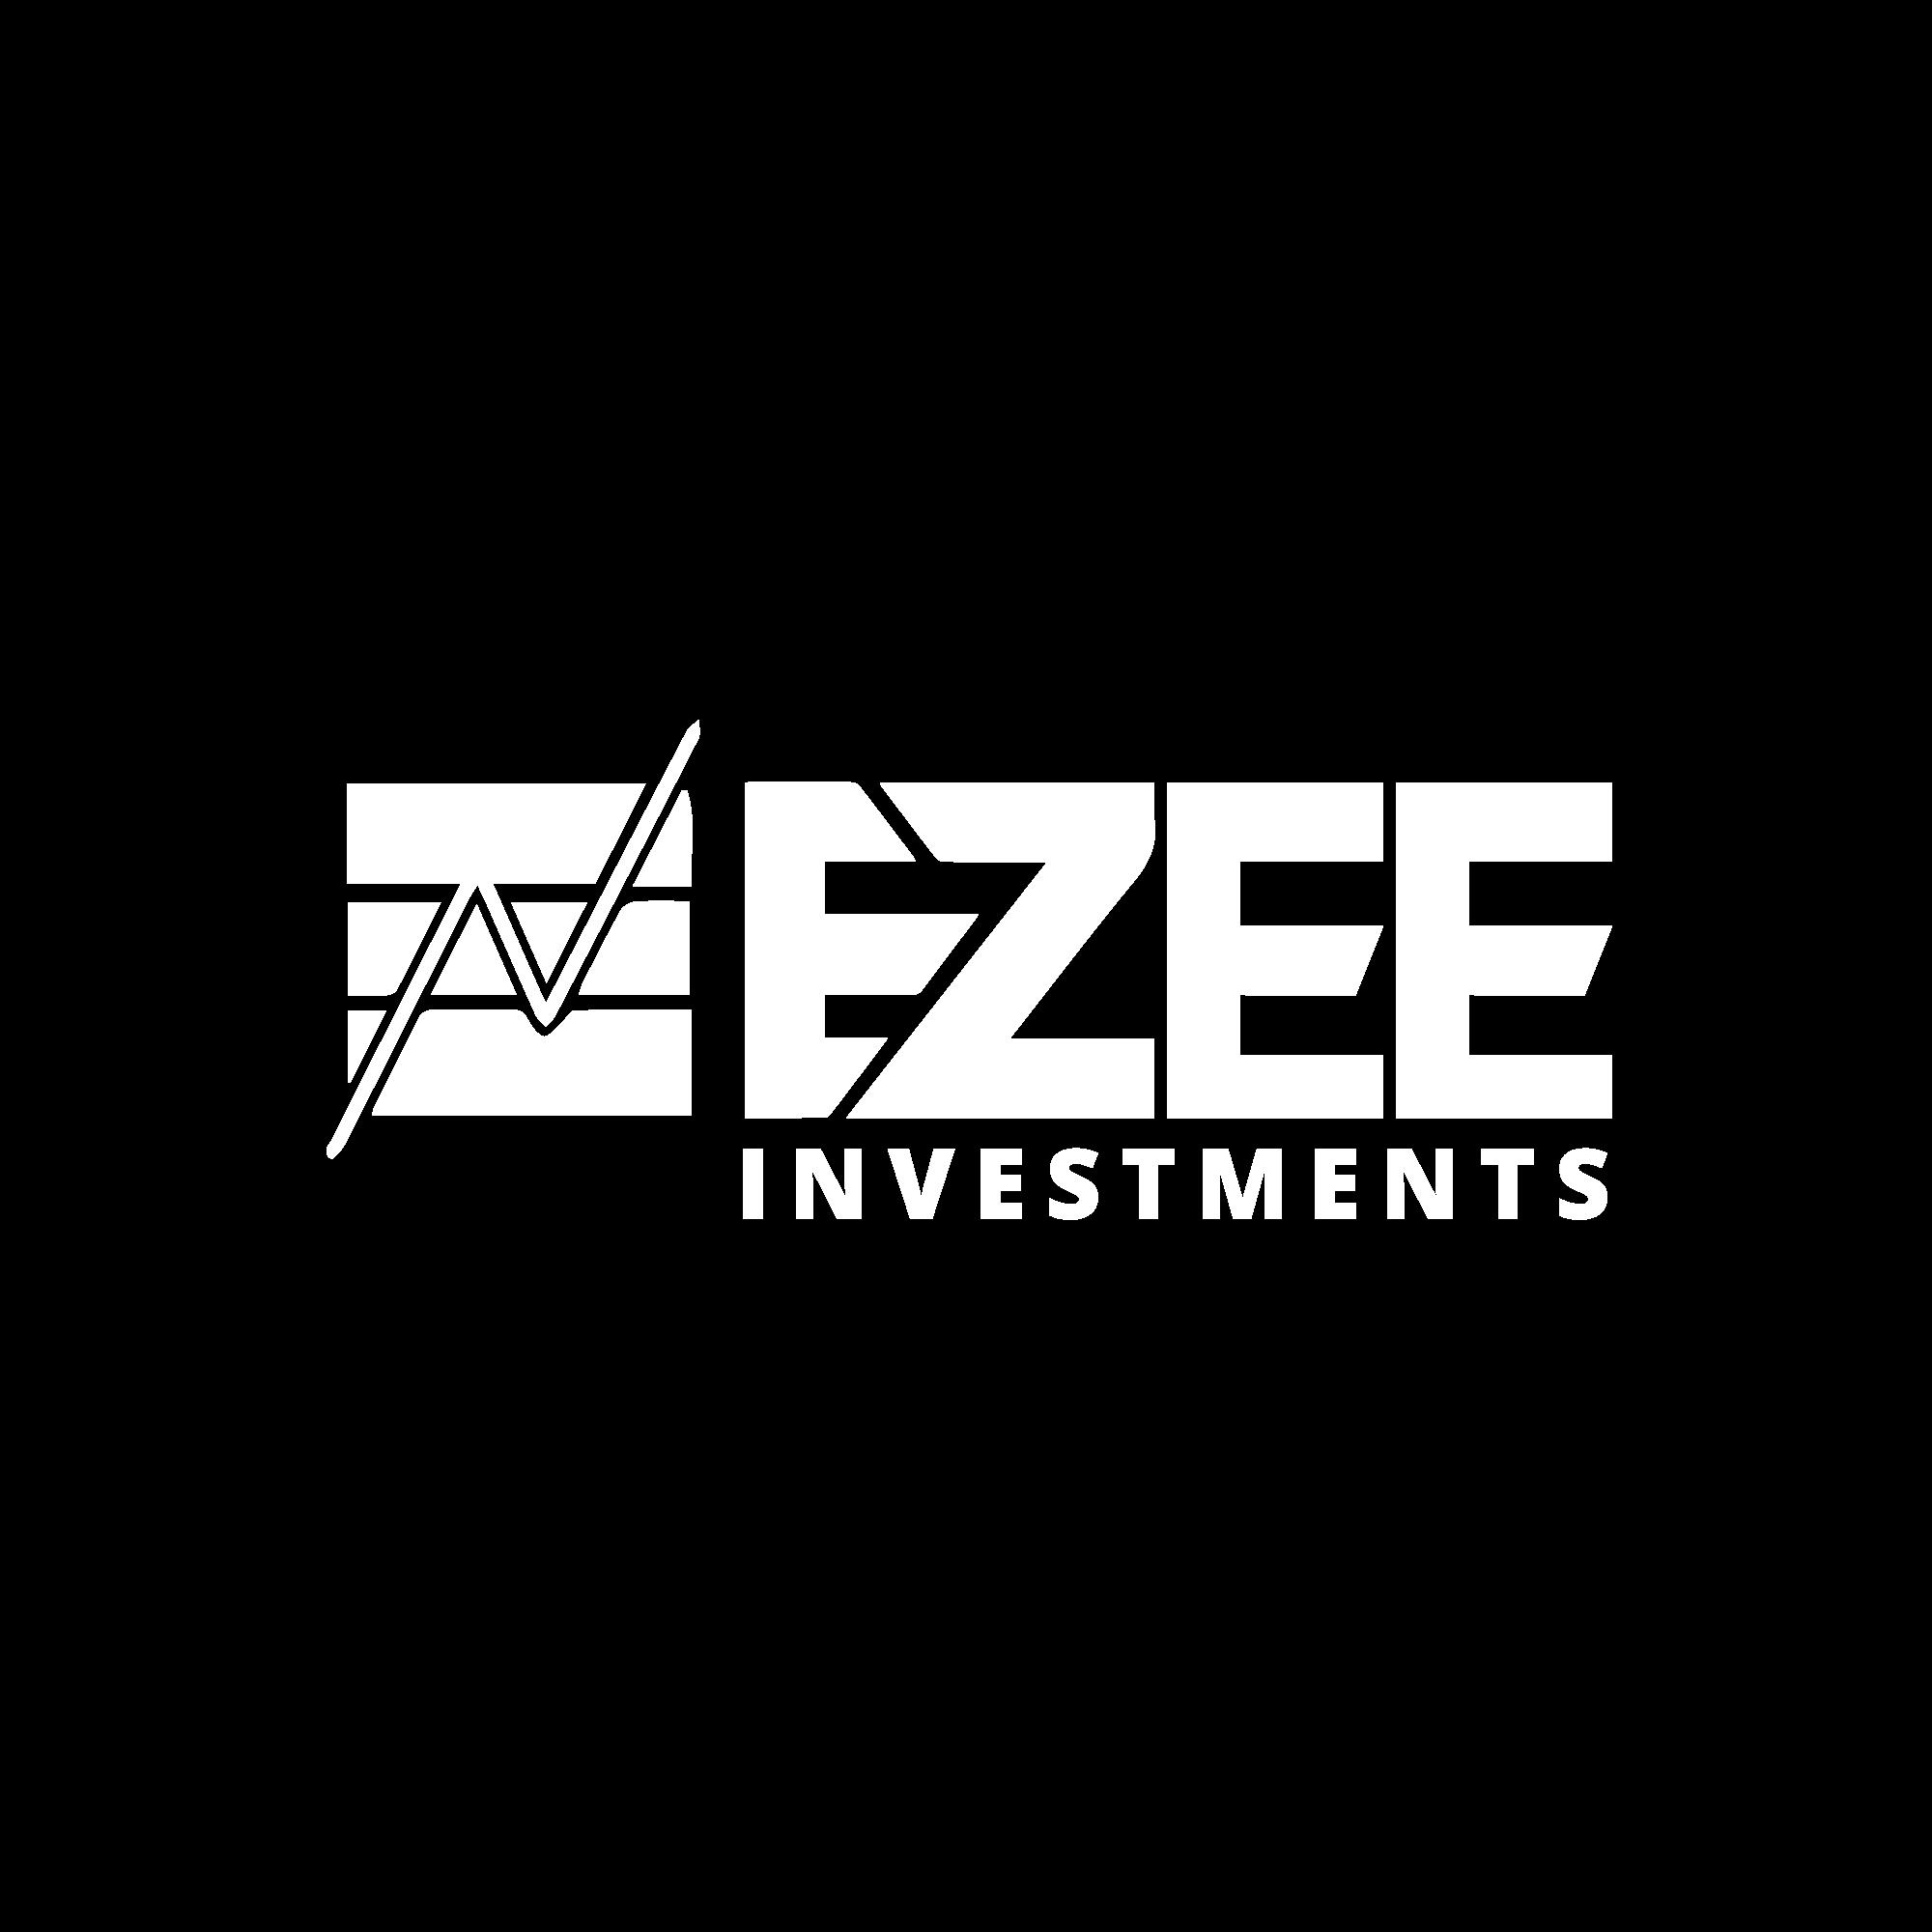 Ezee Investments